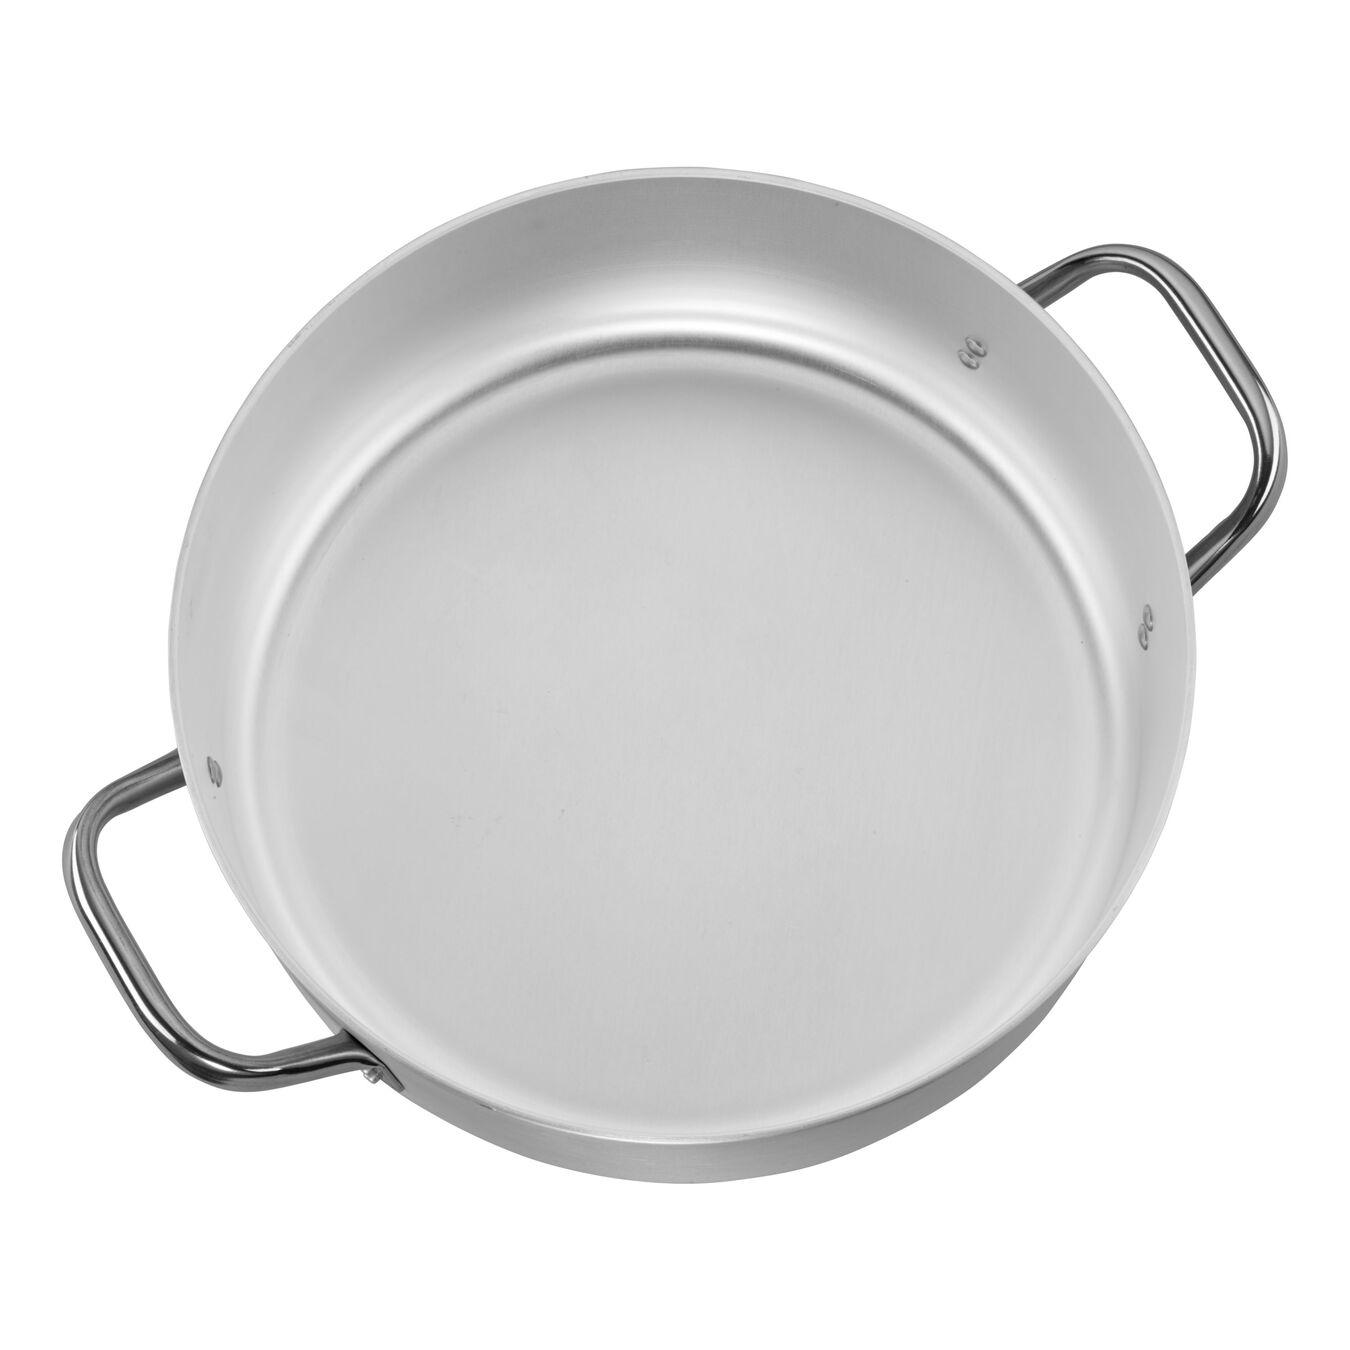 16-inch Saute pan, Aluminium ,,large 1